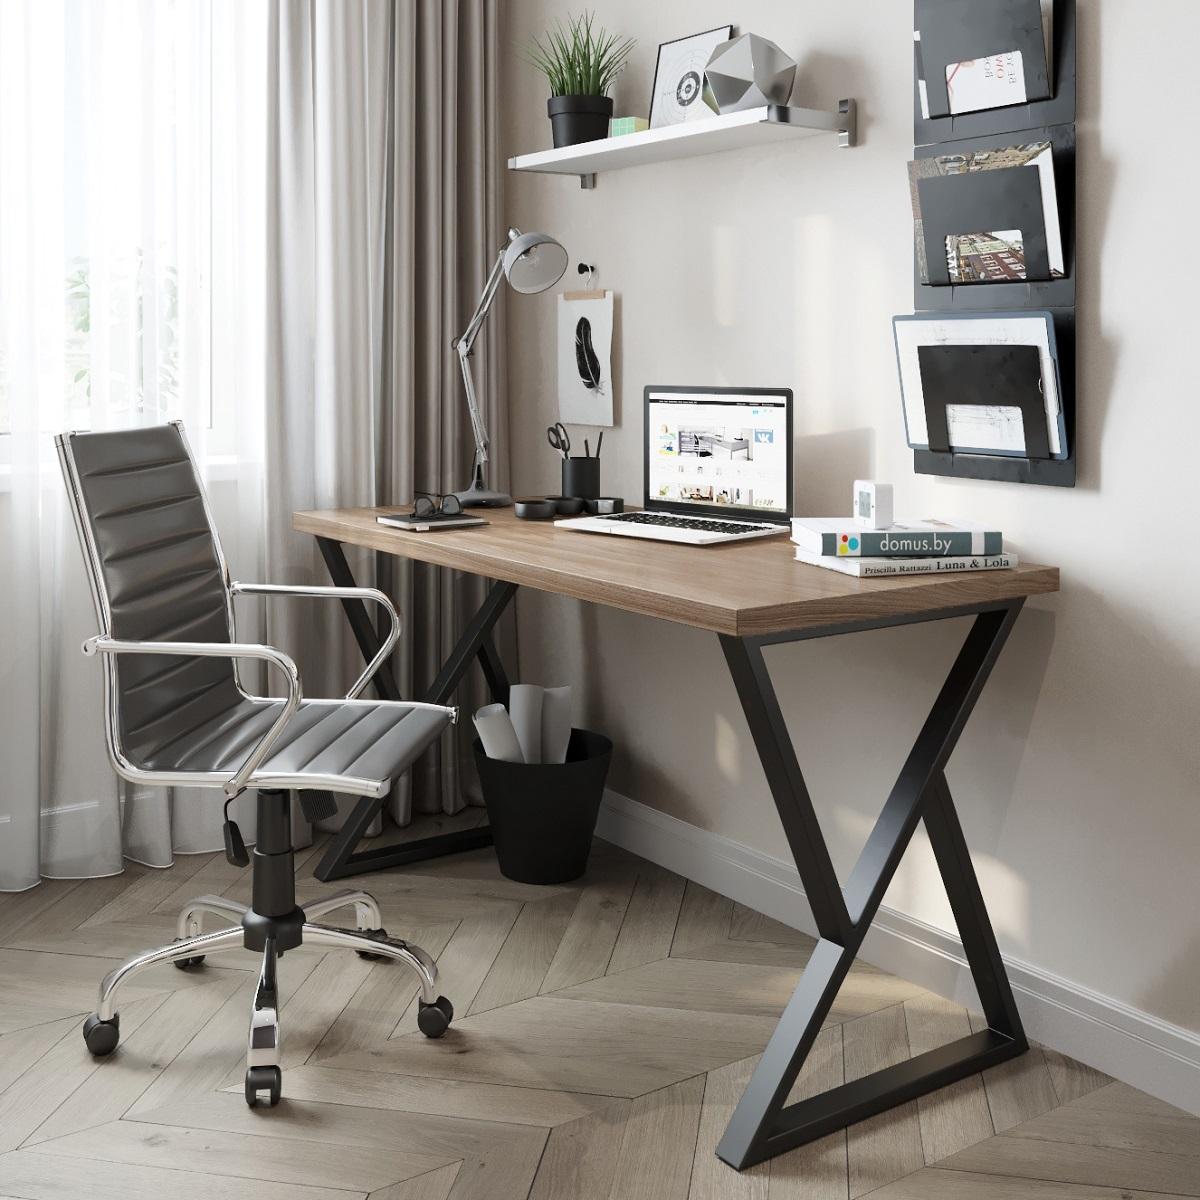 Письменный стол ДОМУС СП014 орех темный/металл черный